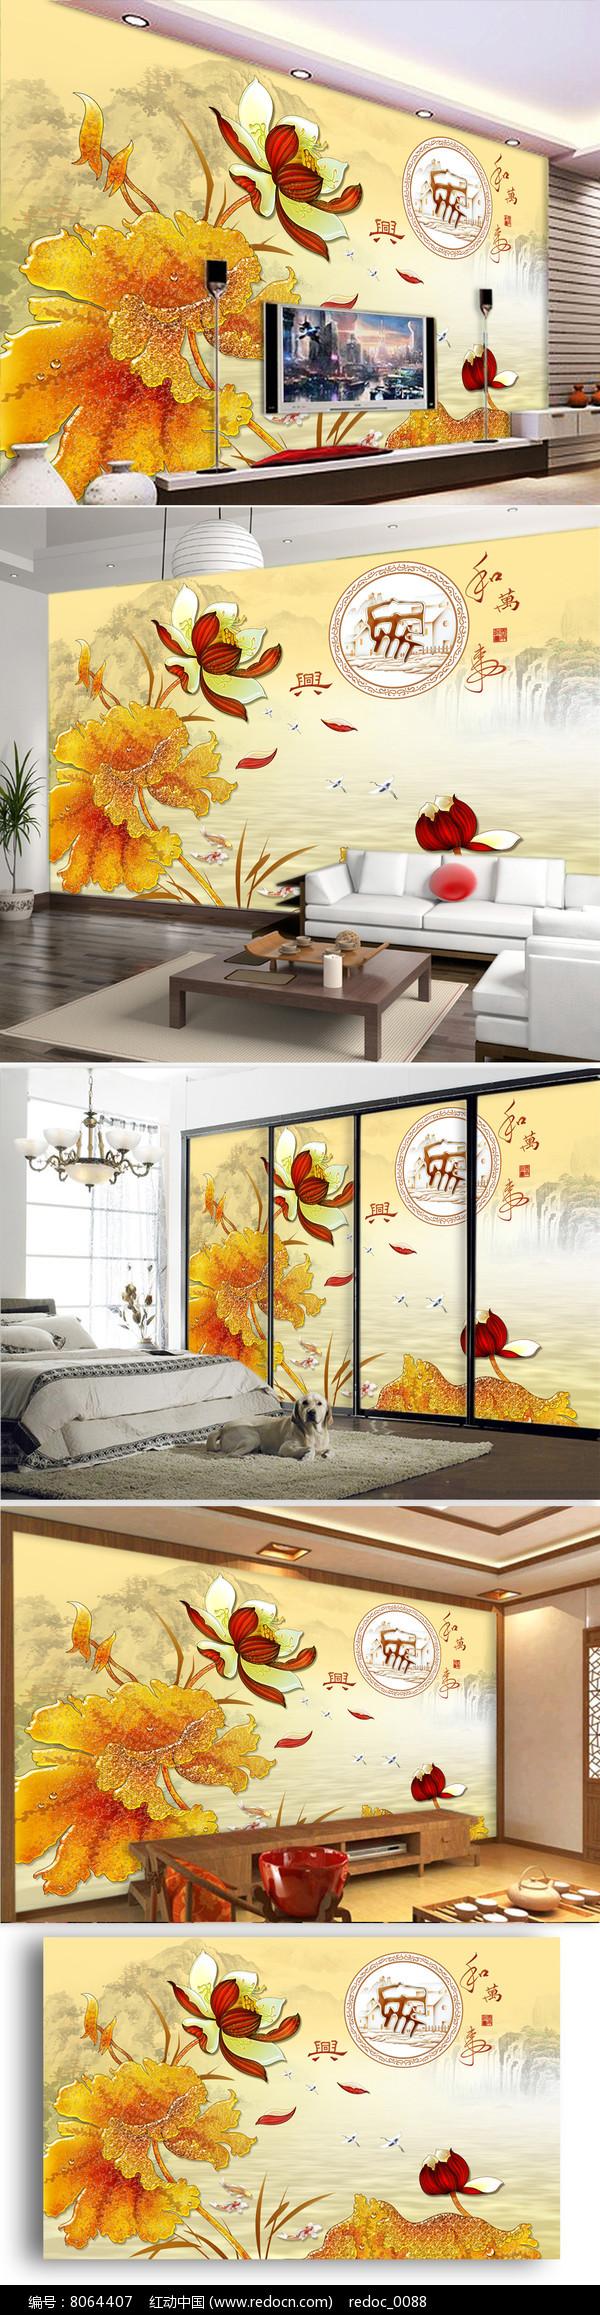 家和万事兴彩雕荷花中式电视背景墙图片图片